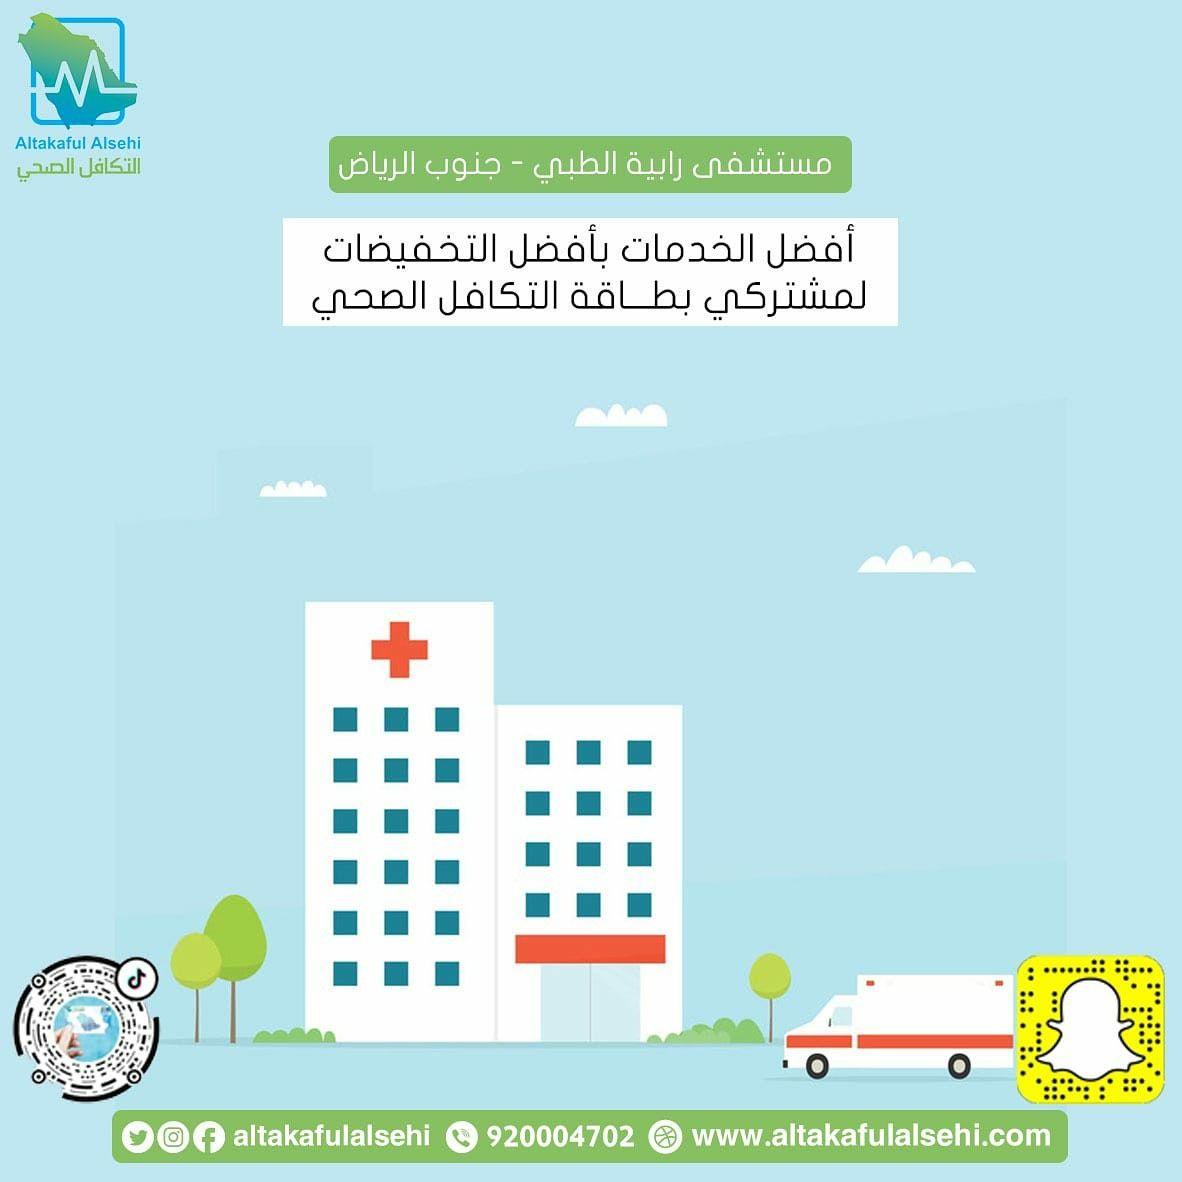 مستشفى رابية الطبي جنوب الرياض يقدم لكم الخدمات الطبية على يد أخصائيون متميزون بخصومات على بطاقة التكافل الصحي Https Bit Health Insurance Health Insurance